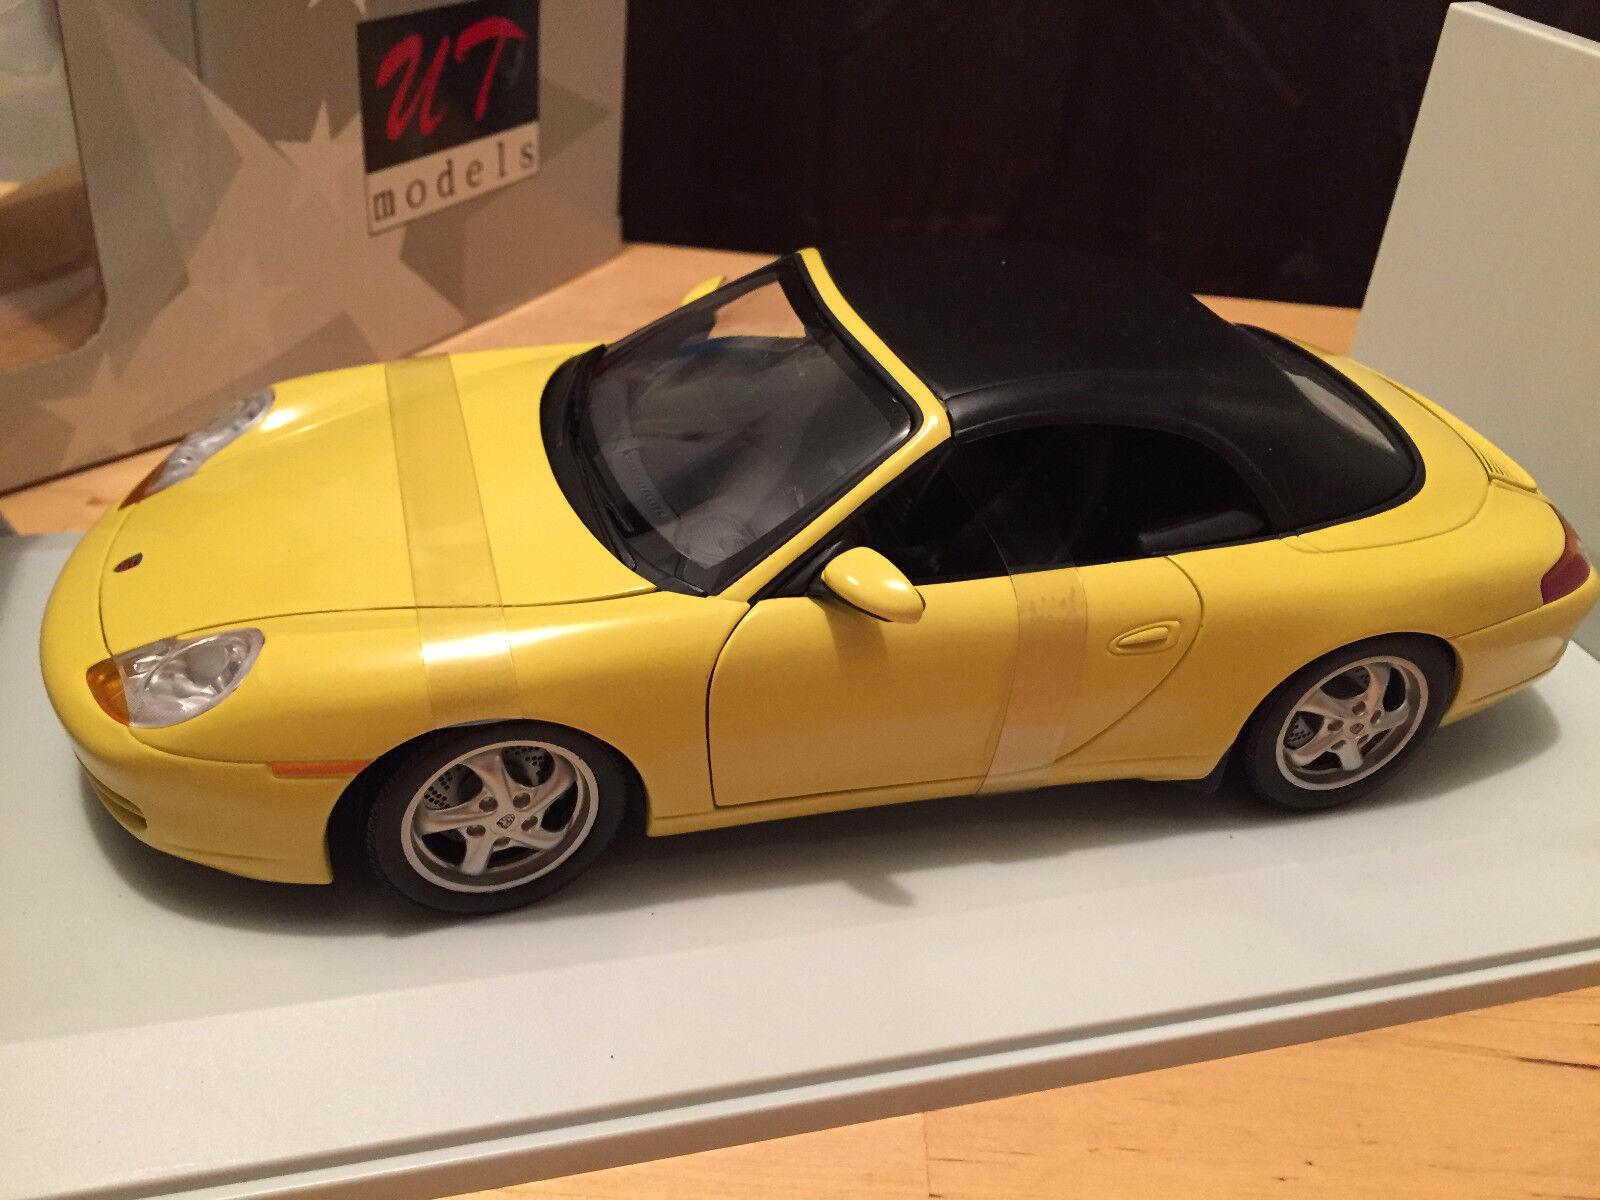 UT Models-PORSCHE 911 CABRIO (SOFT TOP) Giallo-Nuovo in Scatola in ottime condizioni